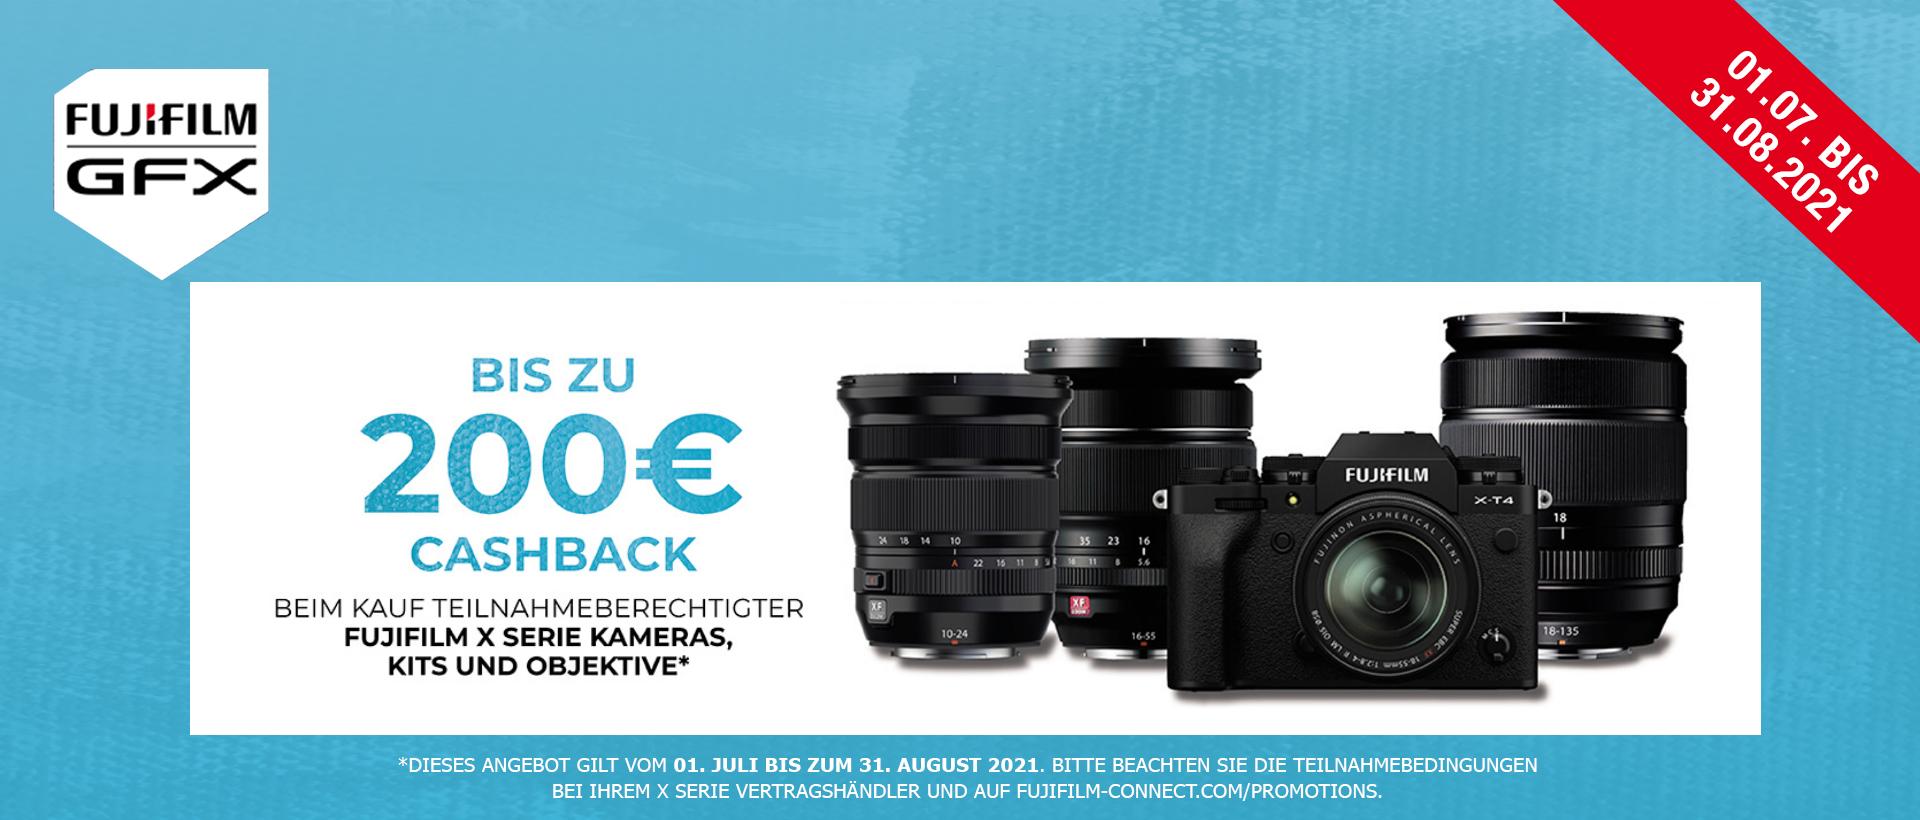 Fujifilm X-T4 / XF Cashback